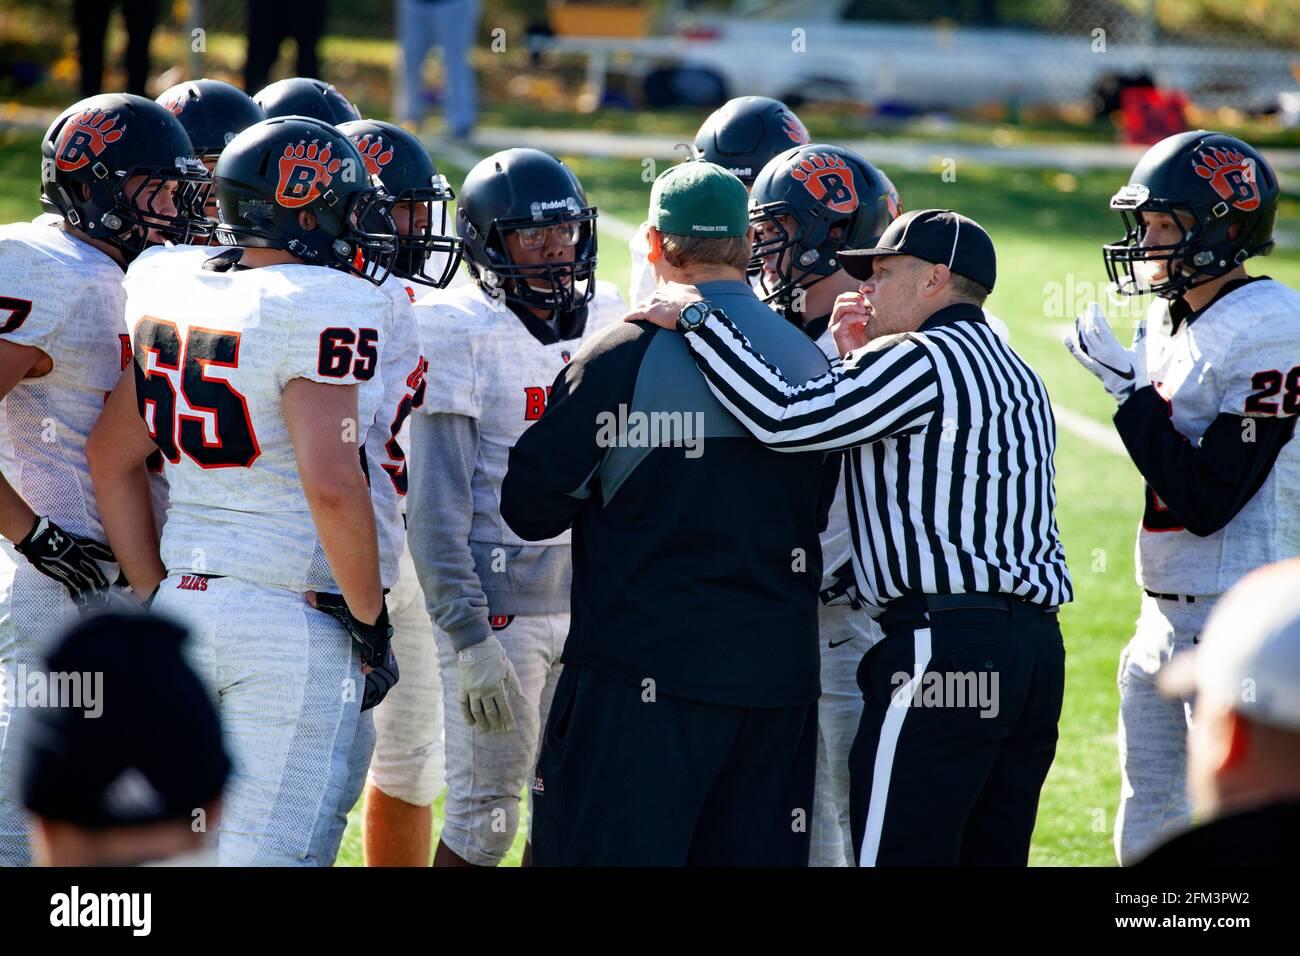 Árbitro del juego con el brazo en el hombro del entrenador Discuta el juego con el equipo de fútbol durante el descanso del juego en el campo. St Paul Minnesota MN EE.UU Foto de stock